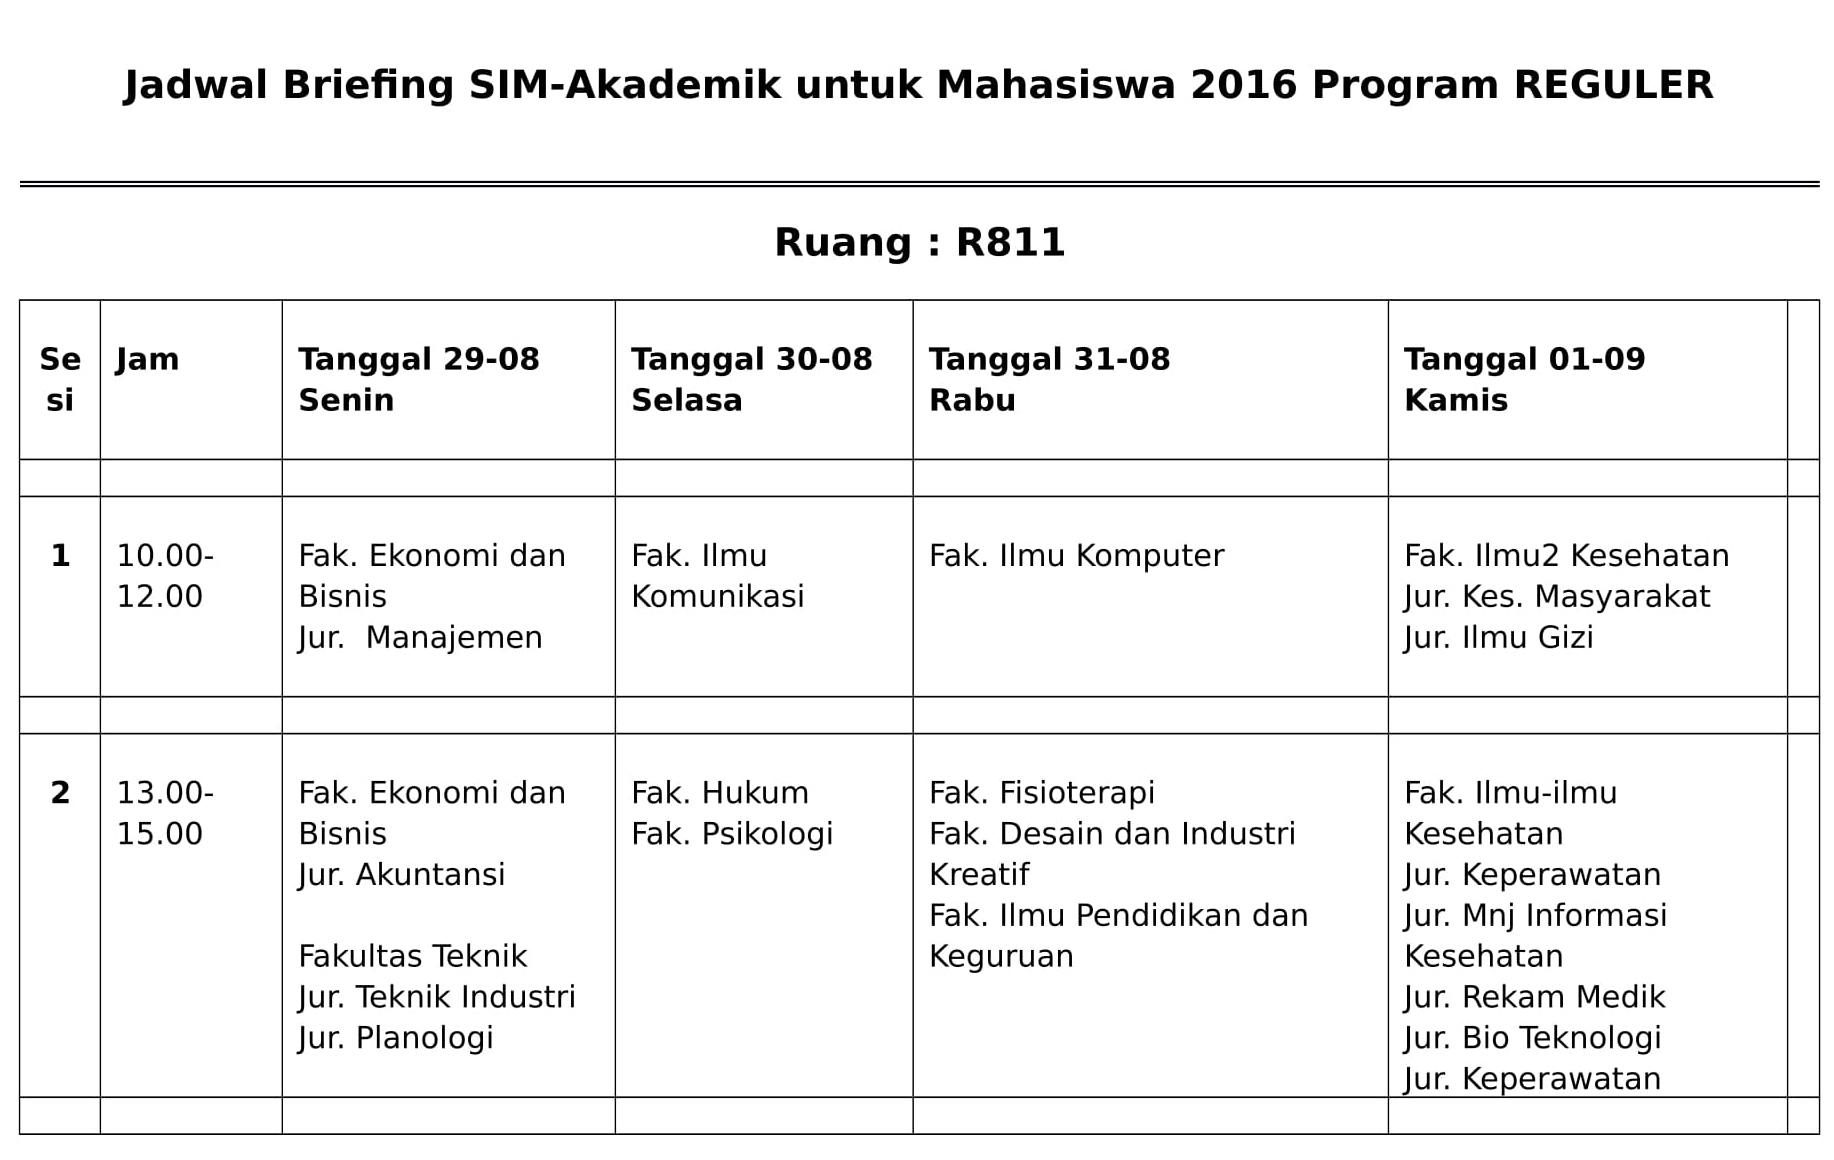 Jadwal Briefing SIM Akademik 2016